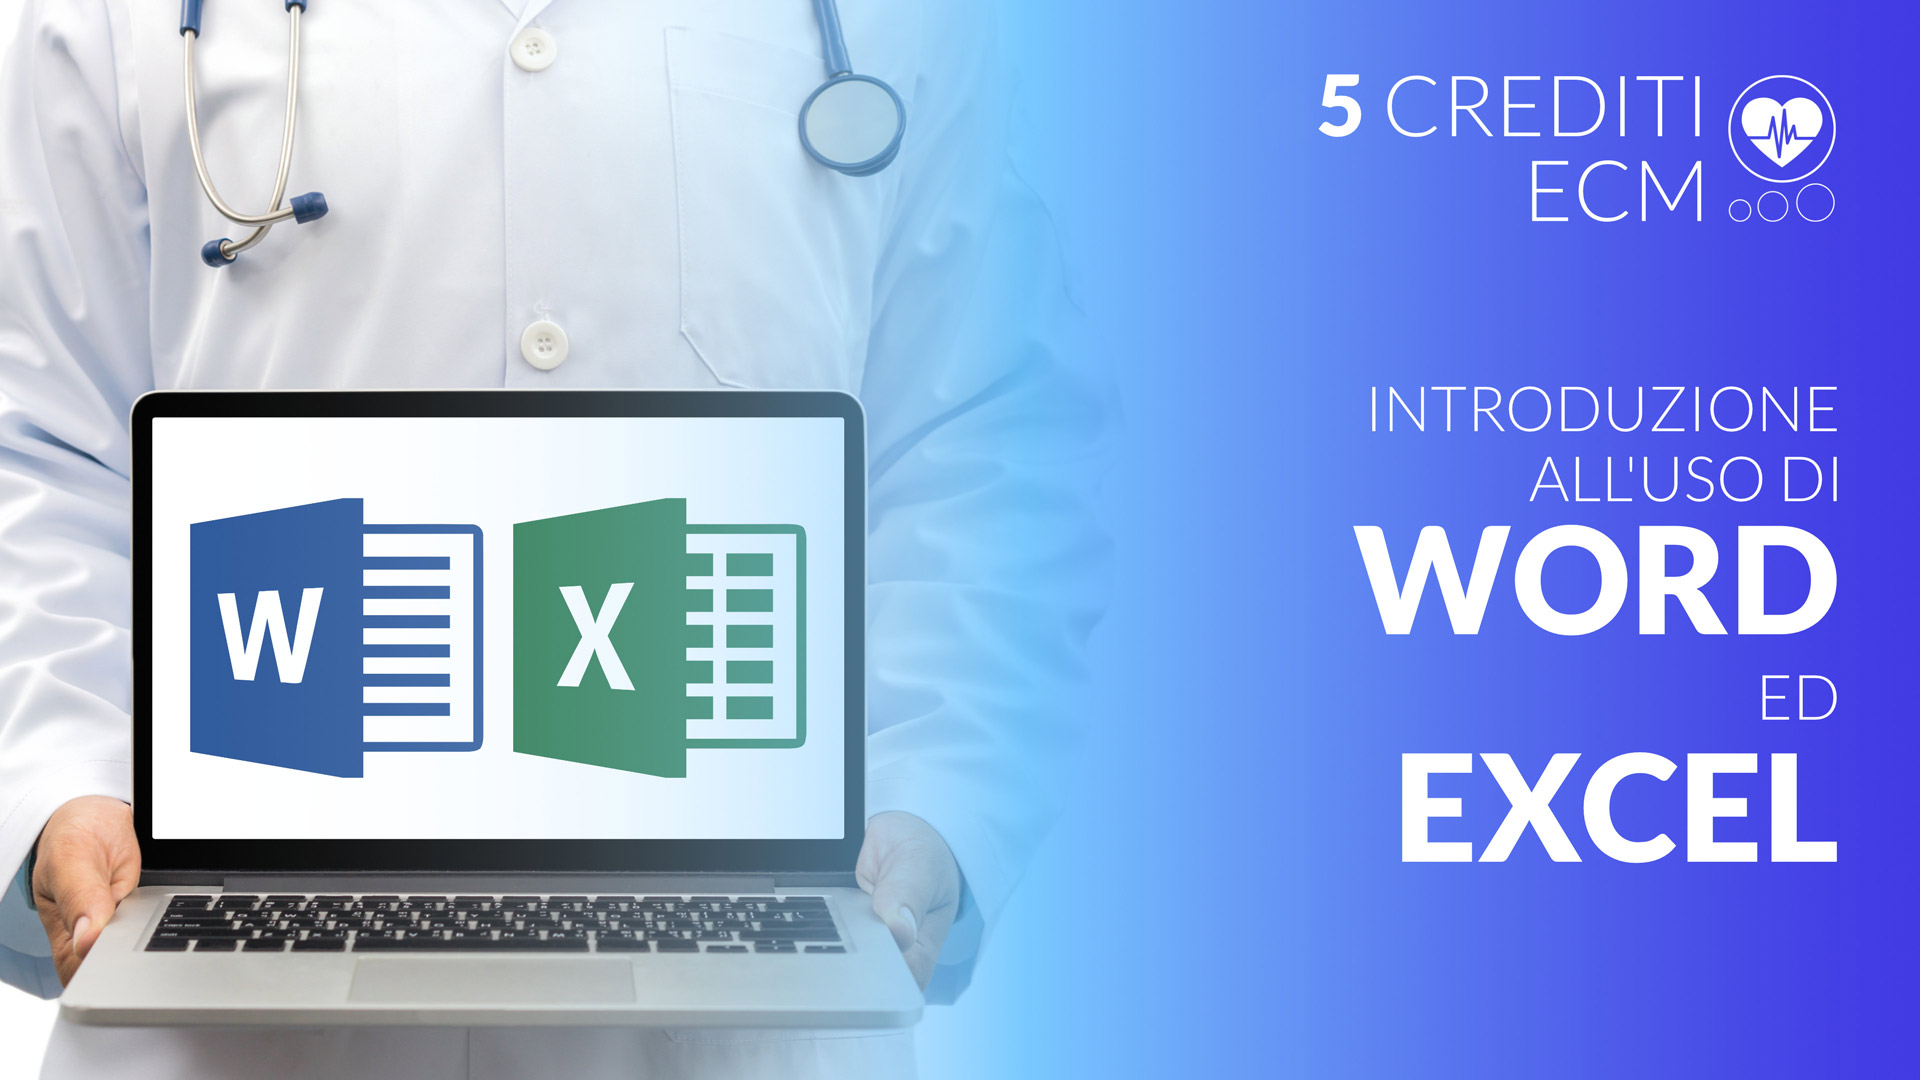 Introduzione all'uso di Word ed Excel